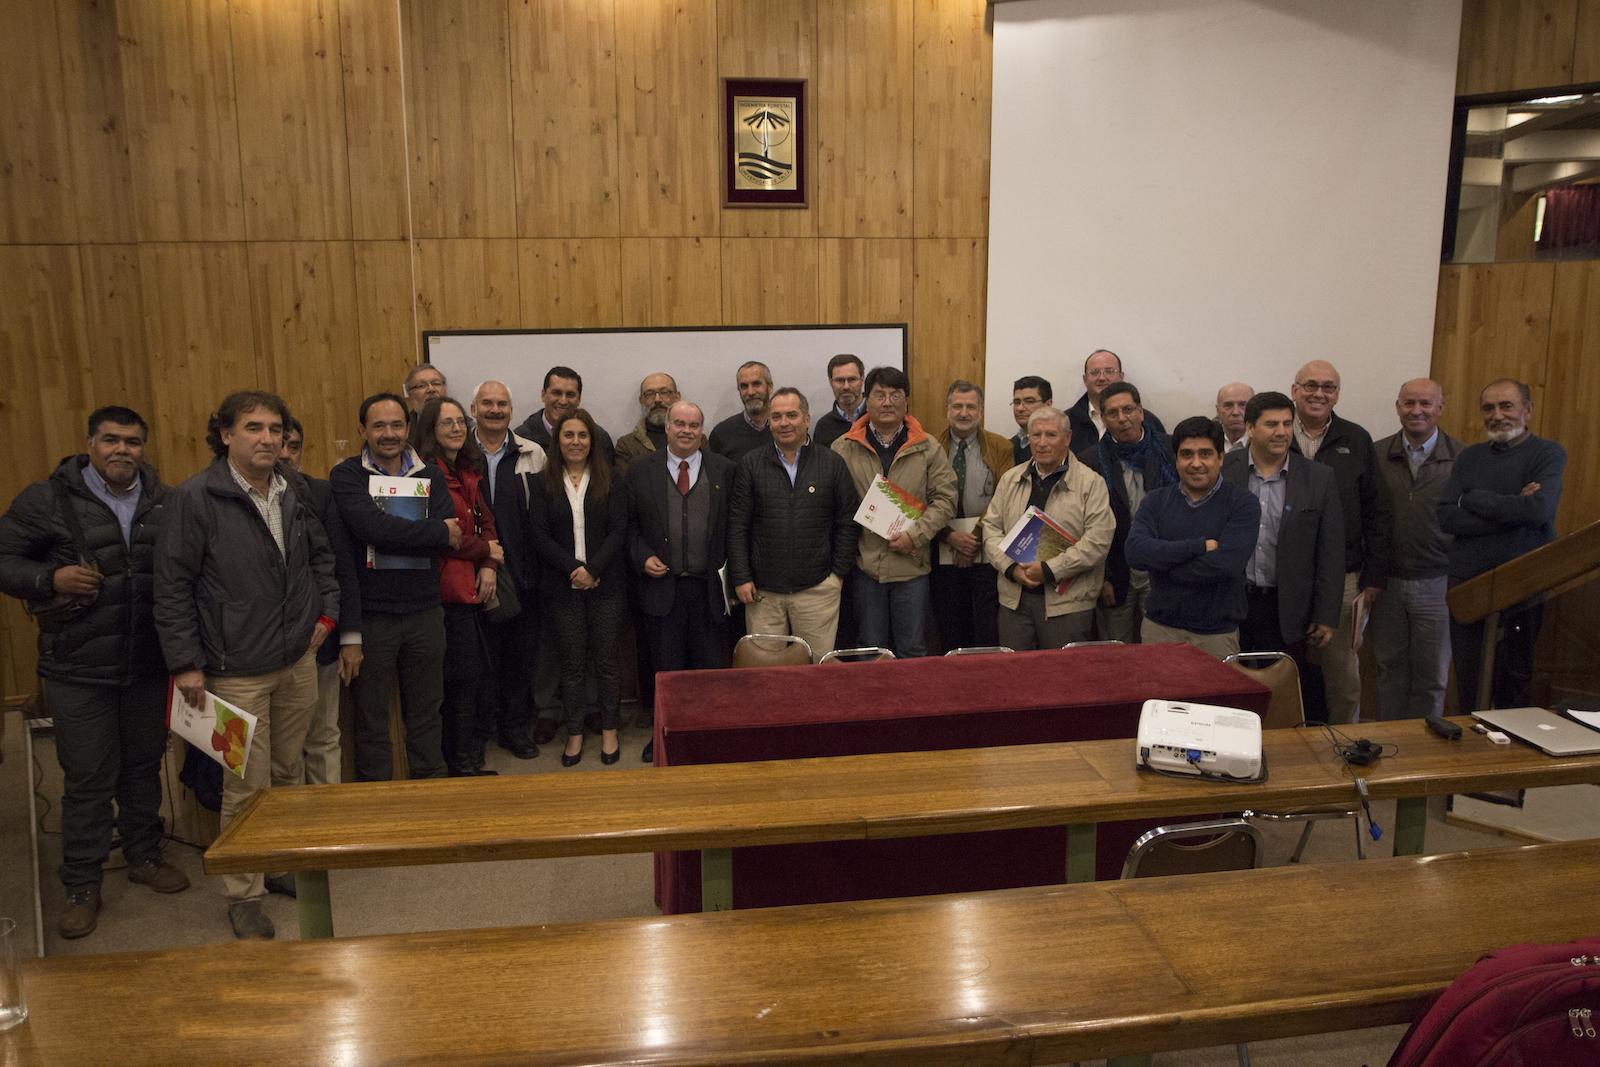 Avances en el fomento del cultivo y utilización de álamos y sauces marcan nueva asamblea de la Comisión Nacional del Álamo